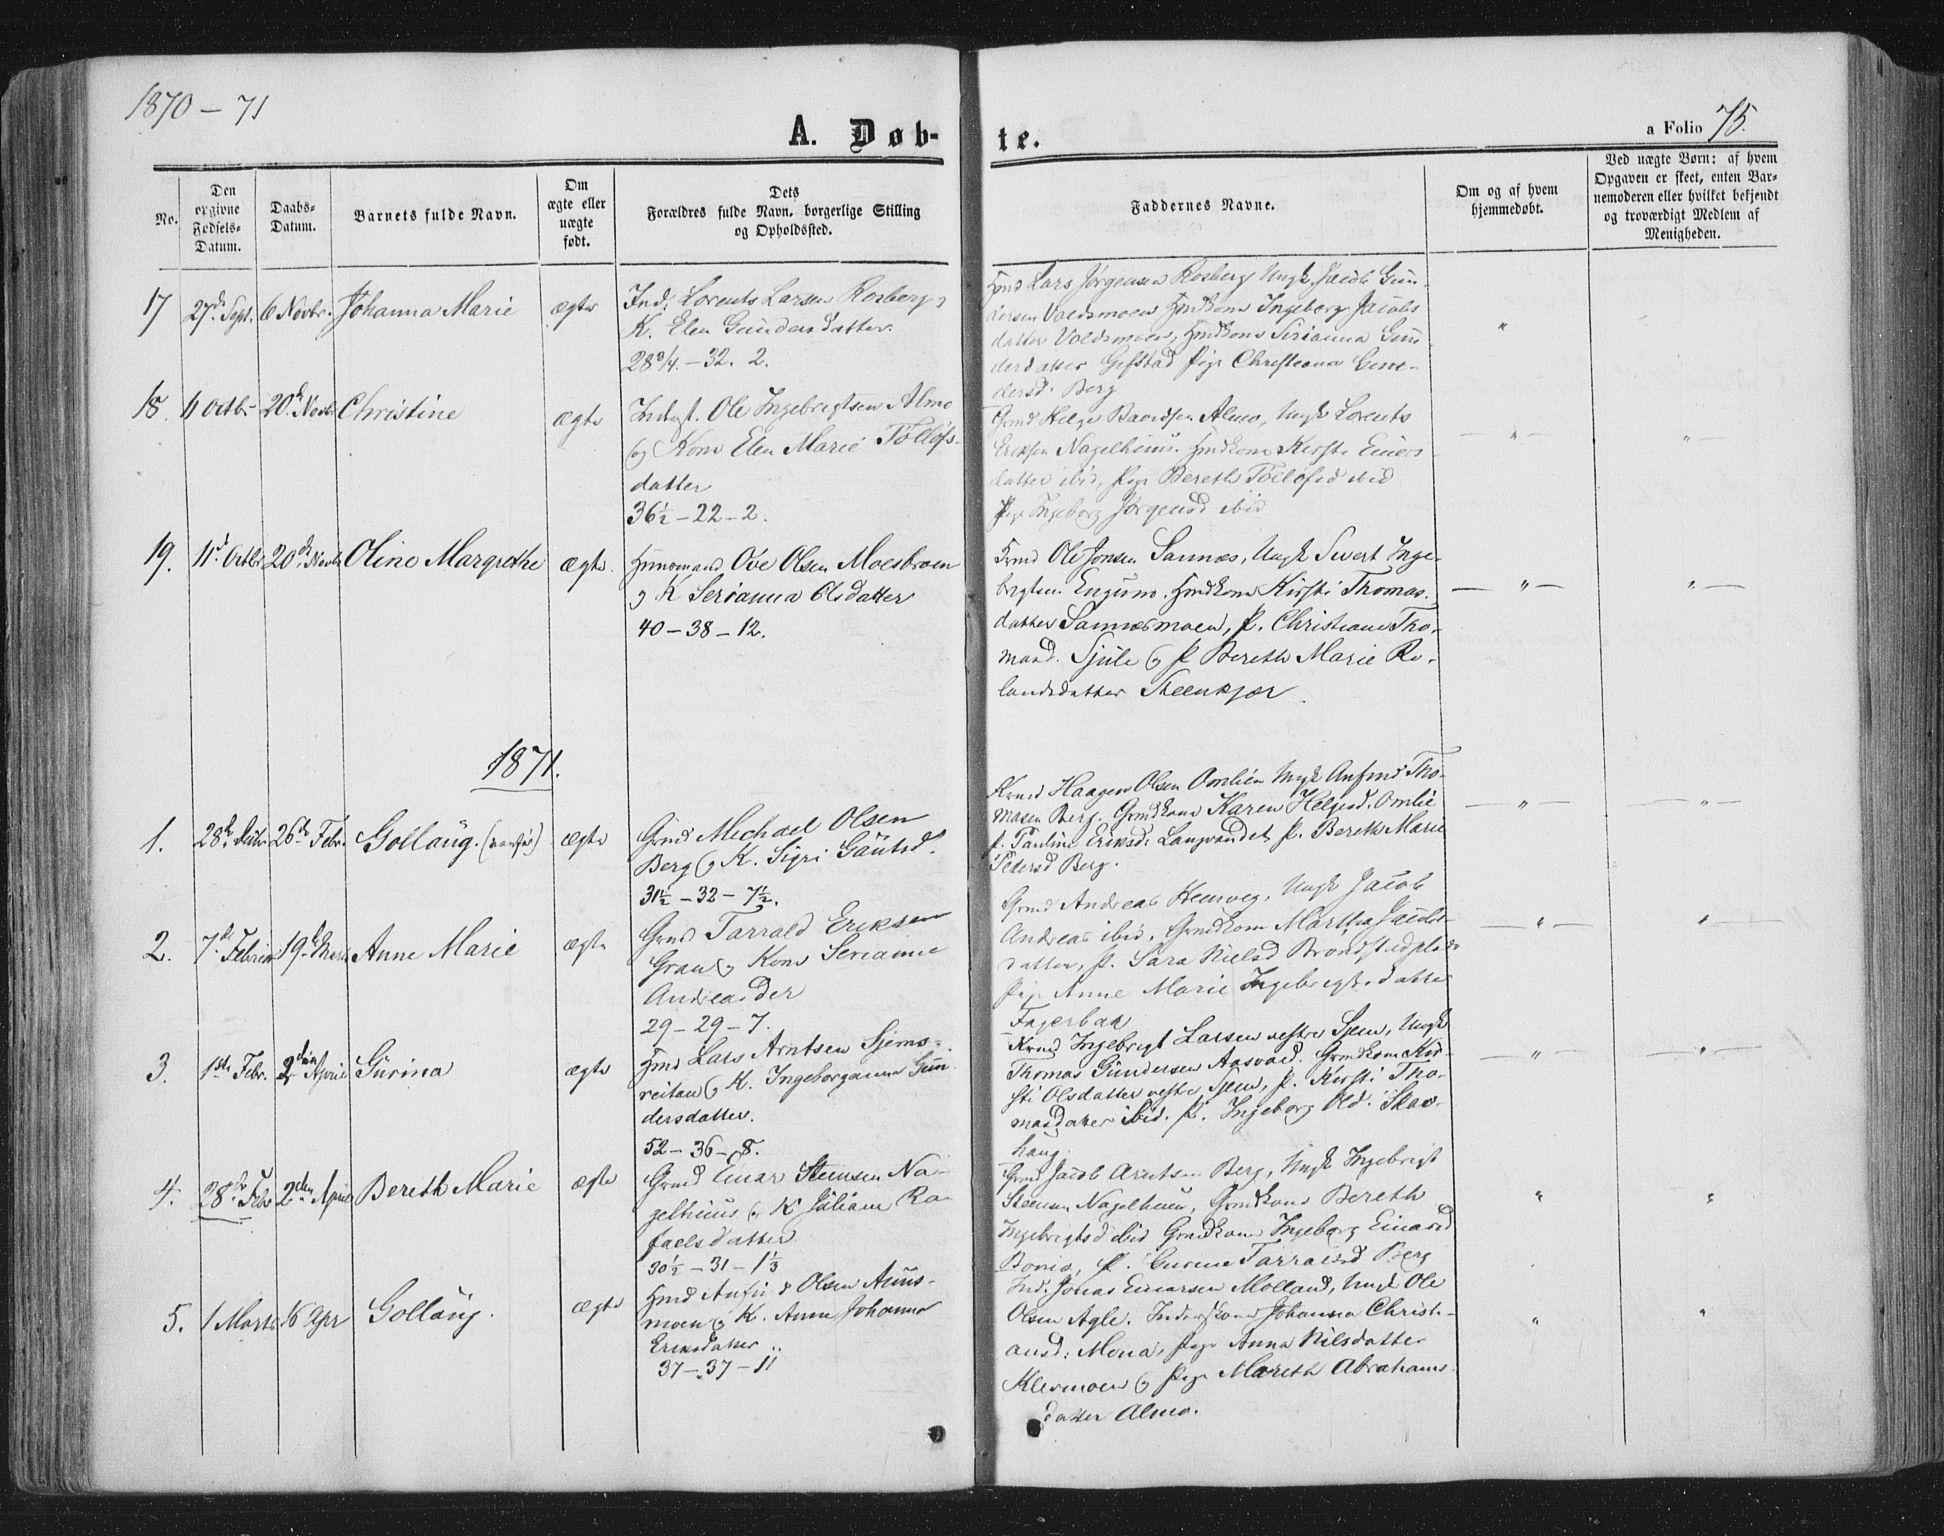 SAT, Ministerialprotokoller, klokkerbøker og fødselsregistre - Nord-Trøndelag, 749/L0472: Ministerialbok nr. 749A06, 1857-1873, s. 75